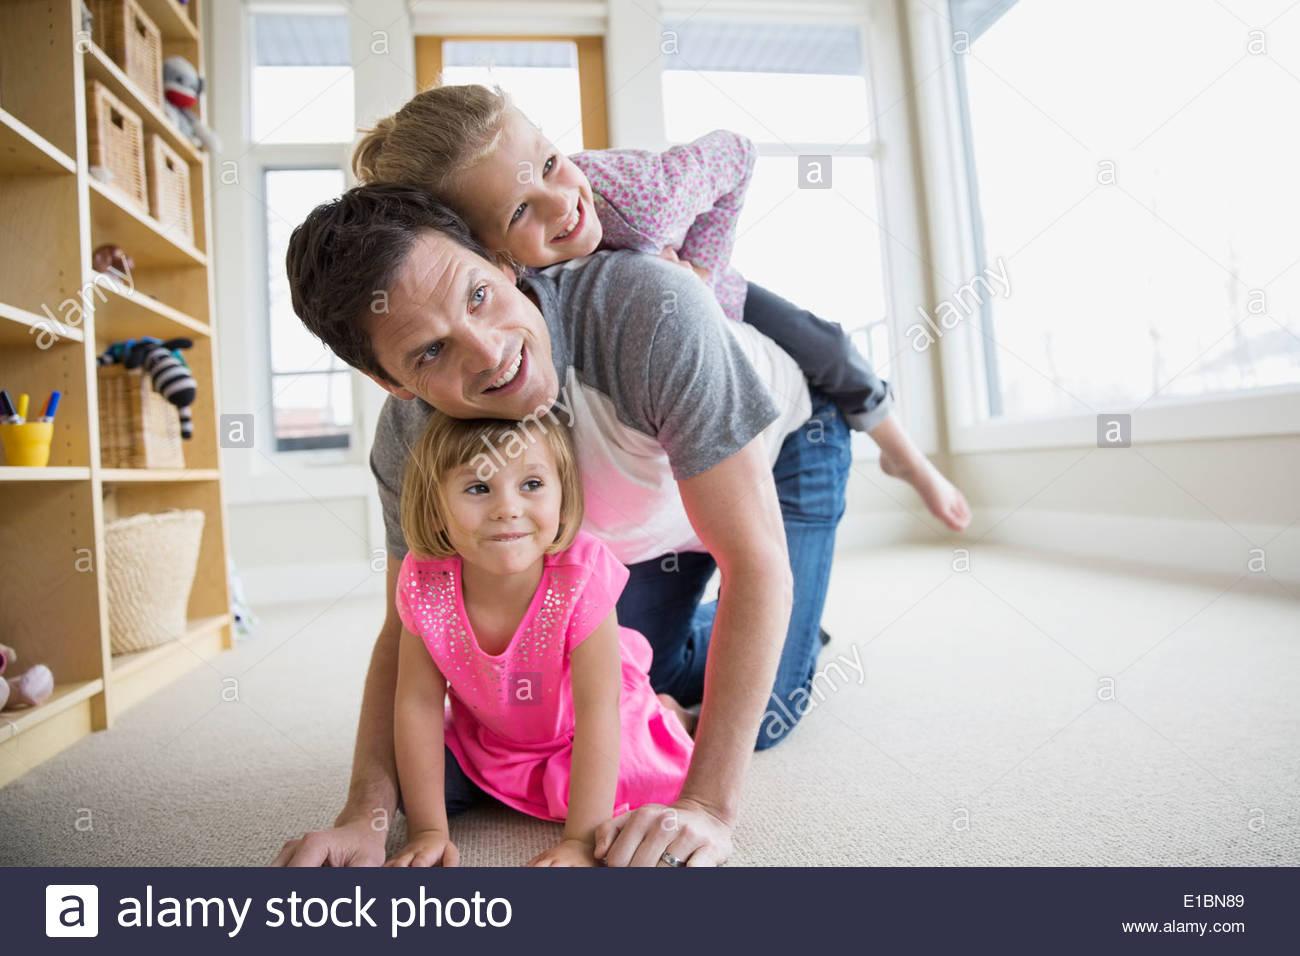 Vater und Töchter spielen im Wohnzimmer Stockbild